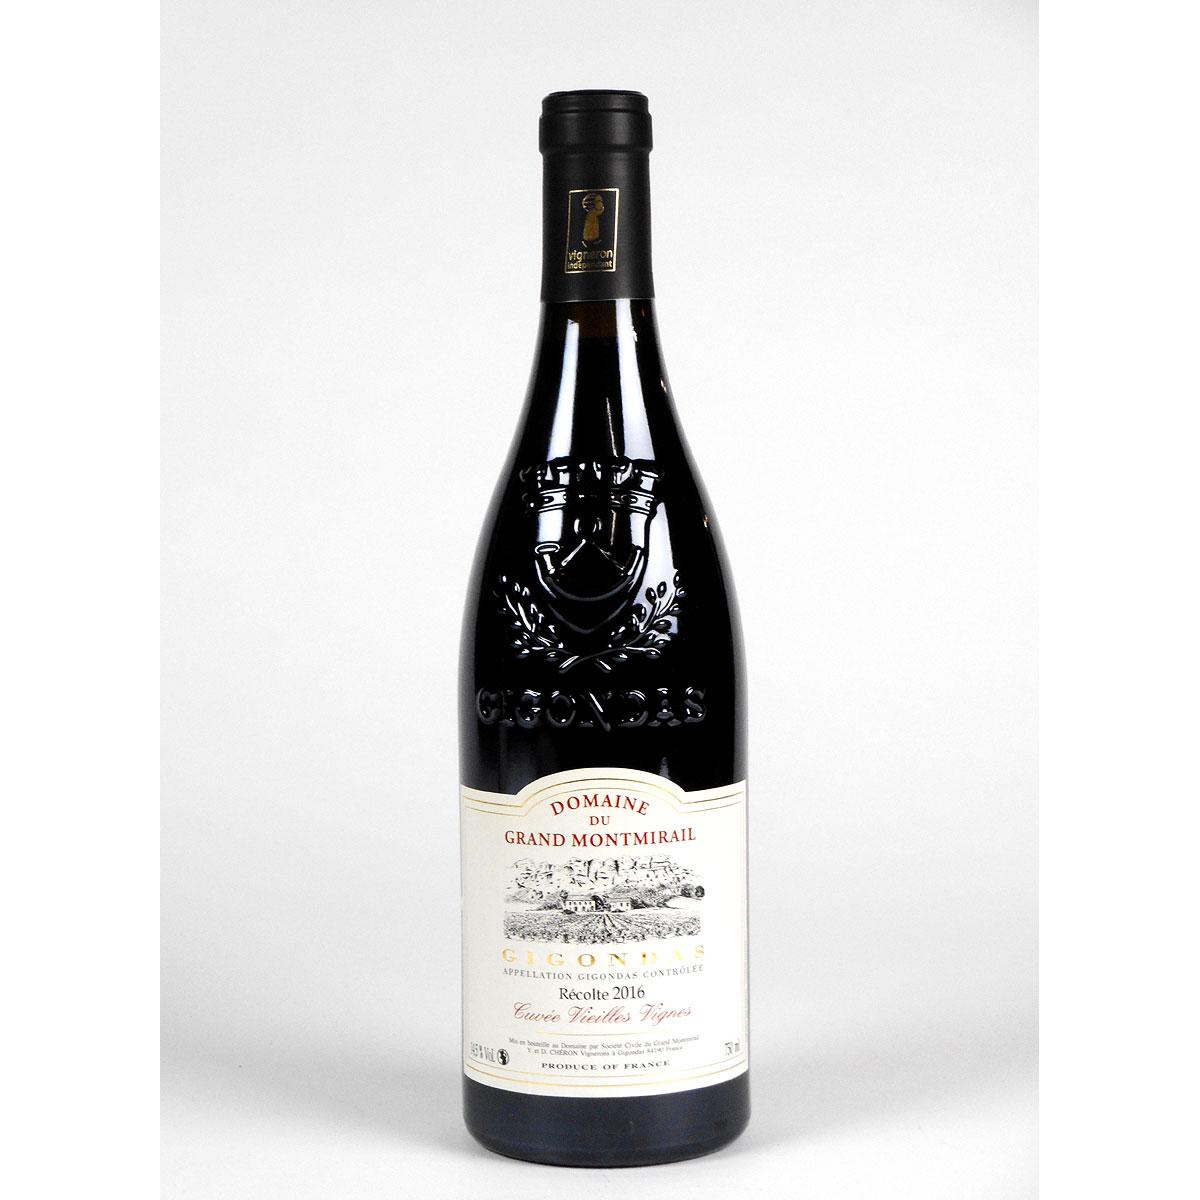 Gigondas:Domaine du Grand Montmirail 'Vieilles Vignes' 2016 - Bottle